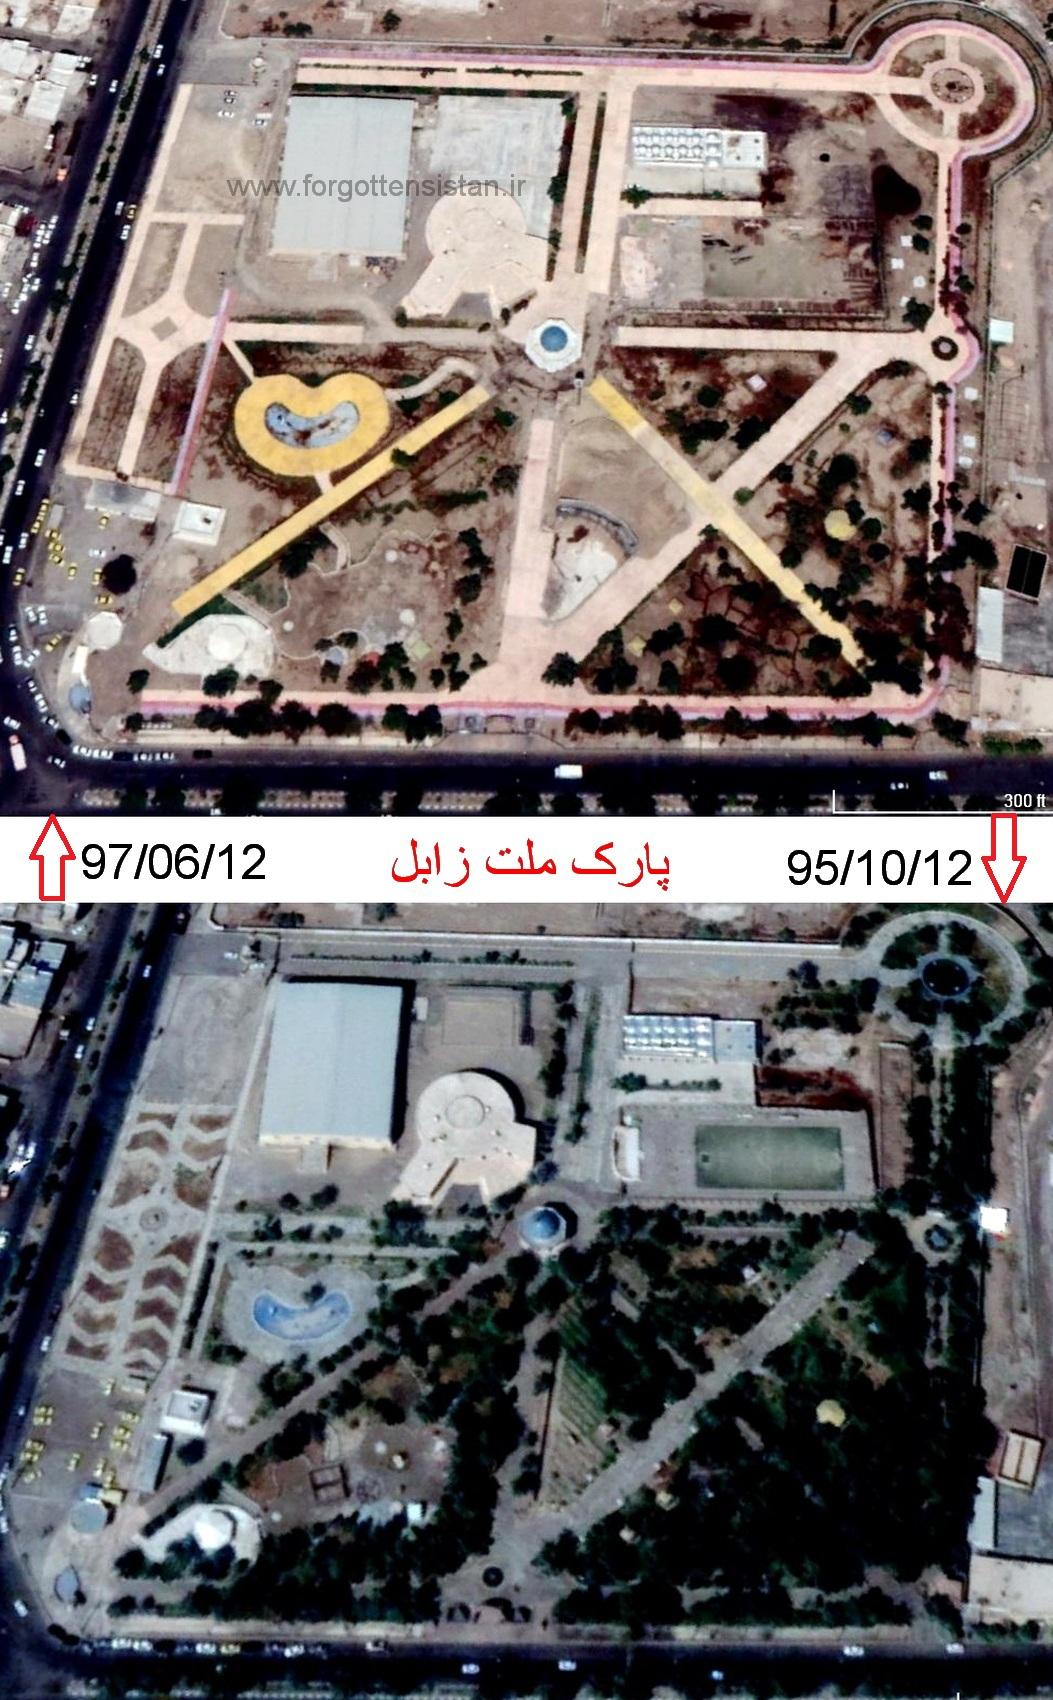 تصویر هوایی گوگل از پارک ملت زابل